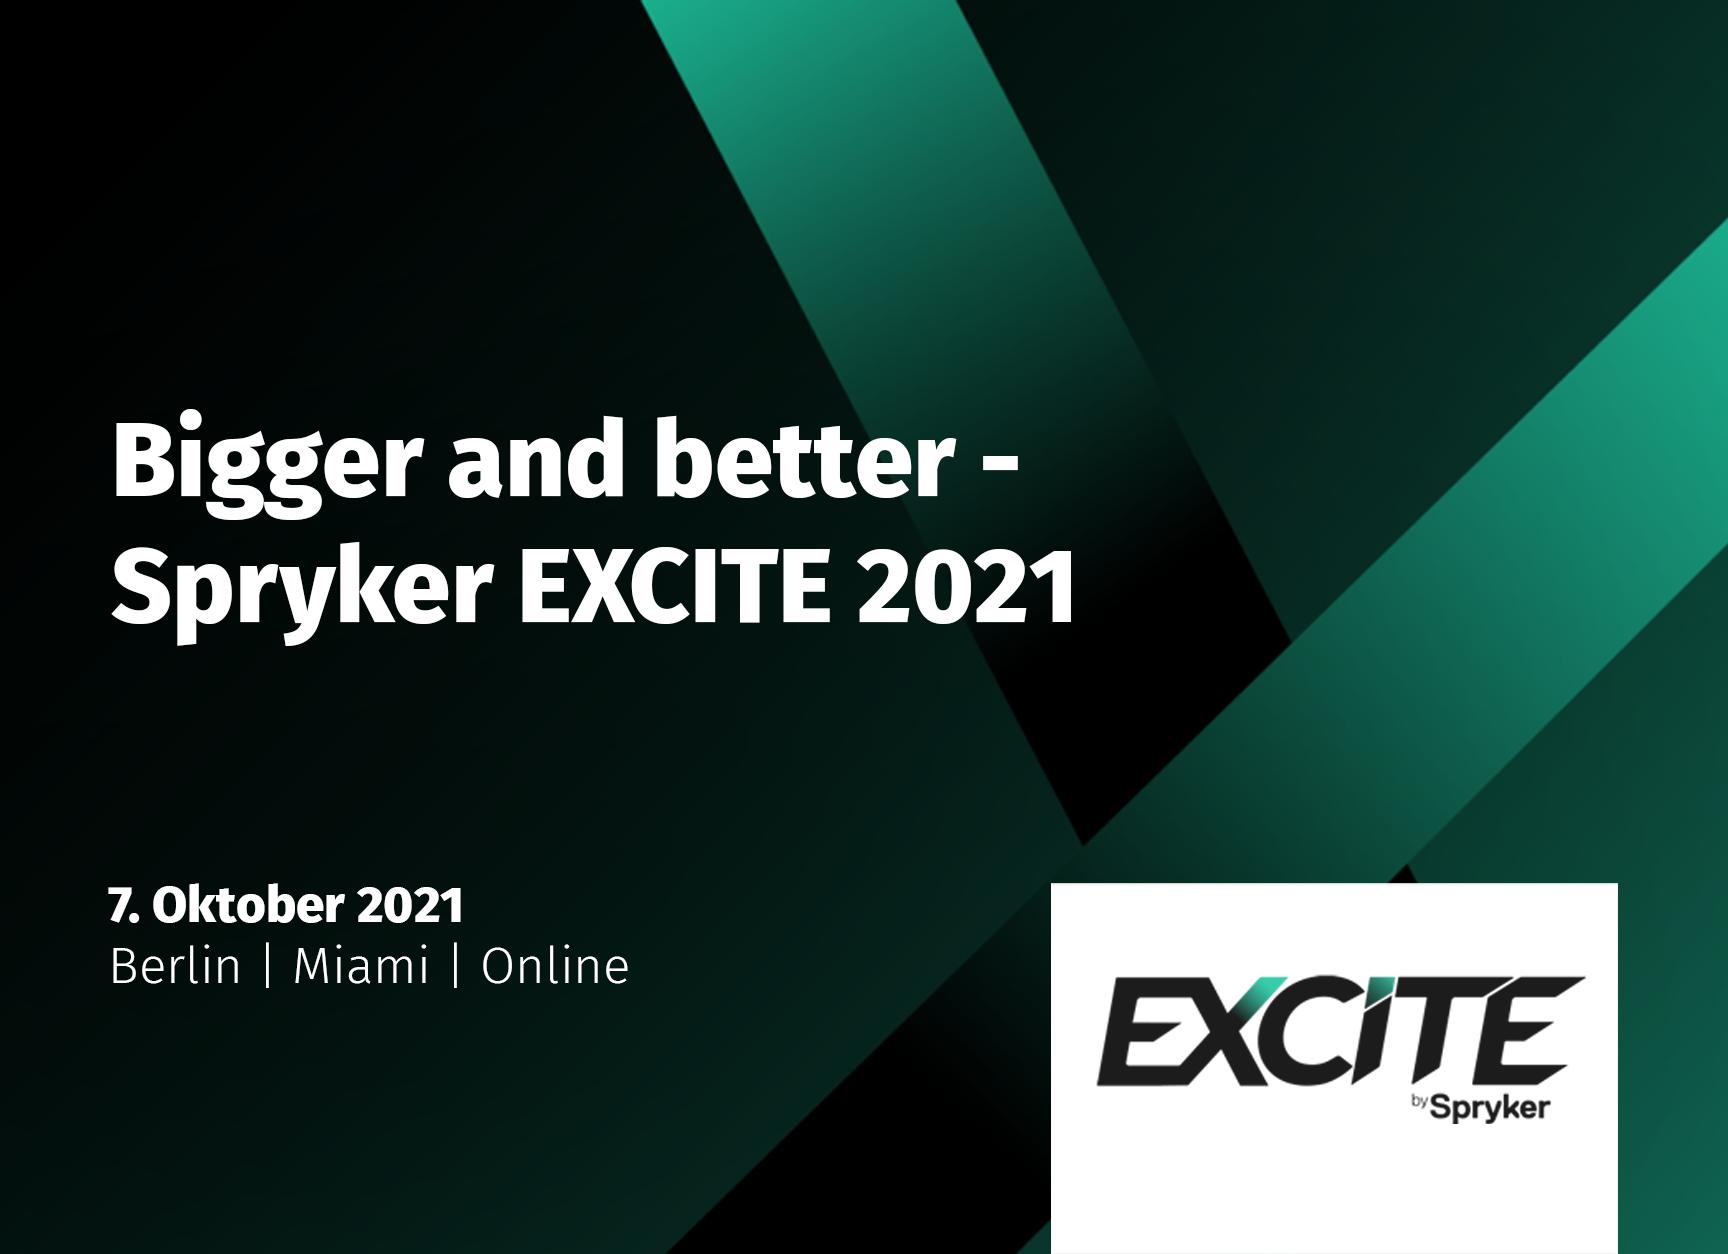 diva-e Masterclass auf der Spryker EXCITE 2021